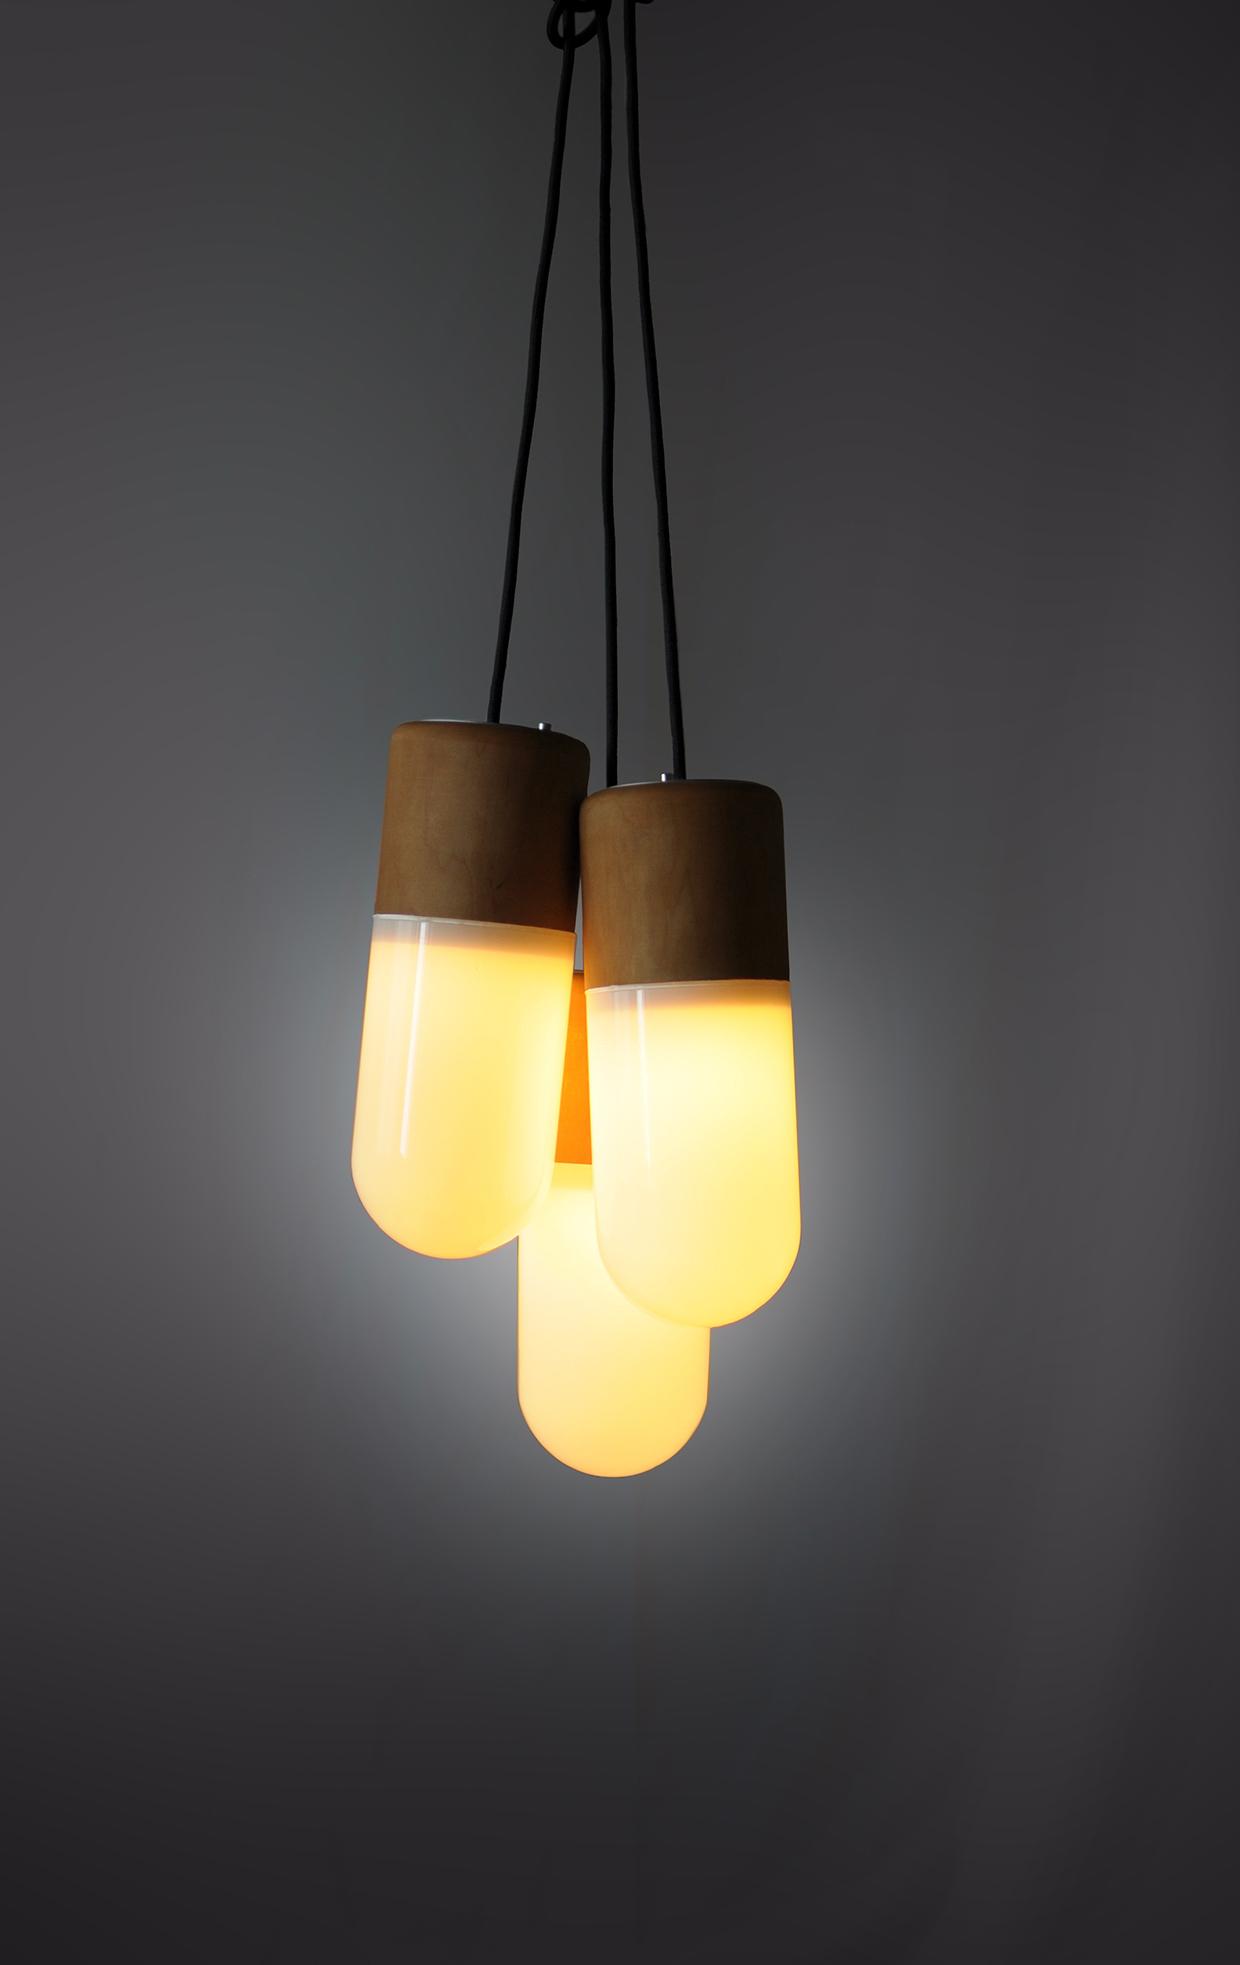 pigulka-lamp-hisheji (11)